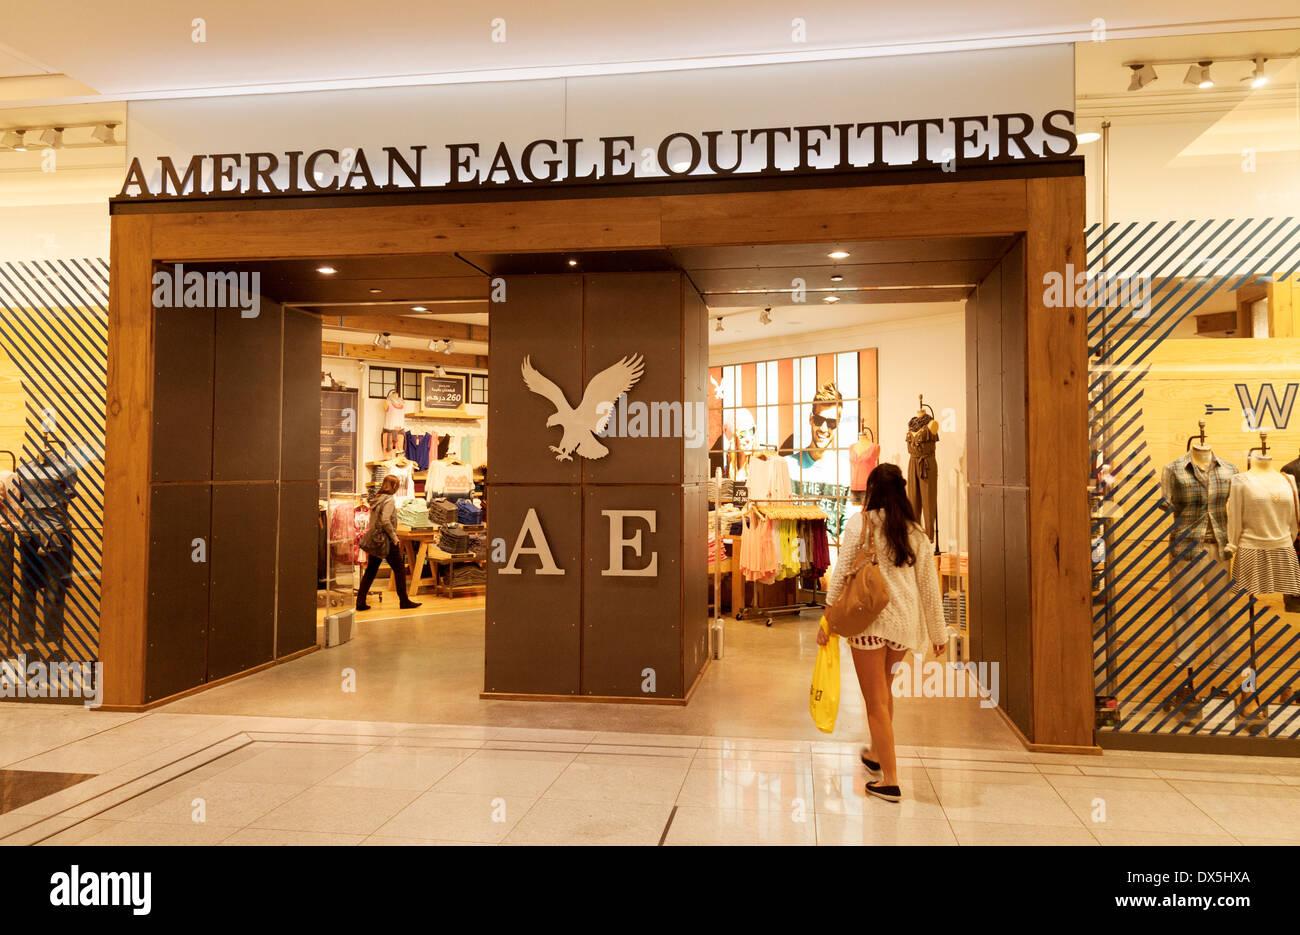 american eagle outfitters store shop dubai mall dubai uae united stock photo 67735986 alamy. Black Bedroom Furniture Sets. Home Design Ideas